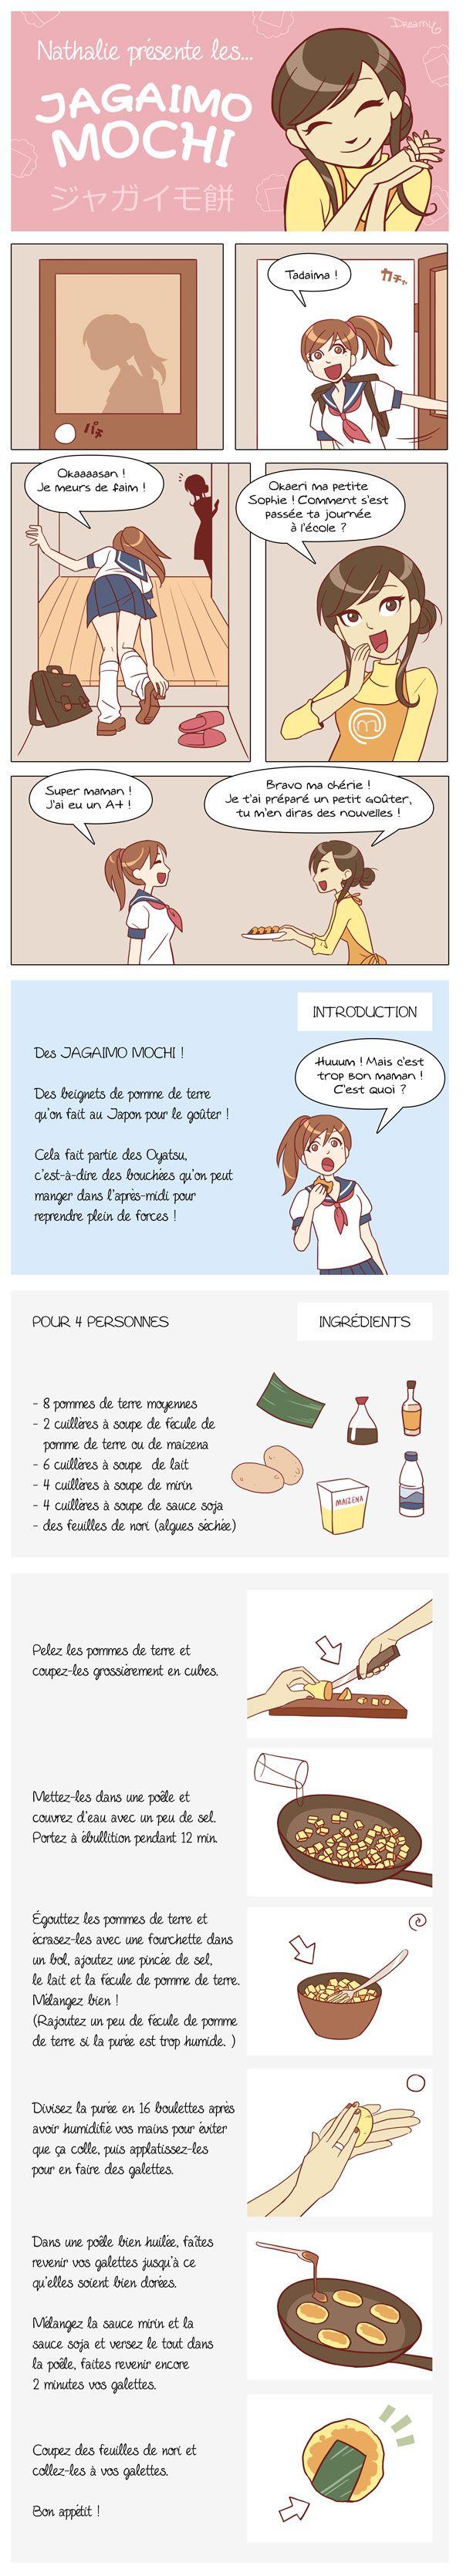 La #recette des Jagaimo Mochi en BD - Des beignets de pomme de terre que l'on fait au #Japon pour le goûter